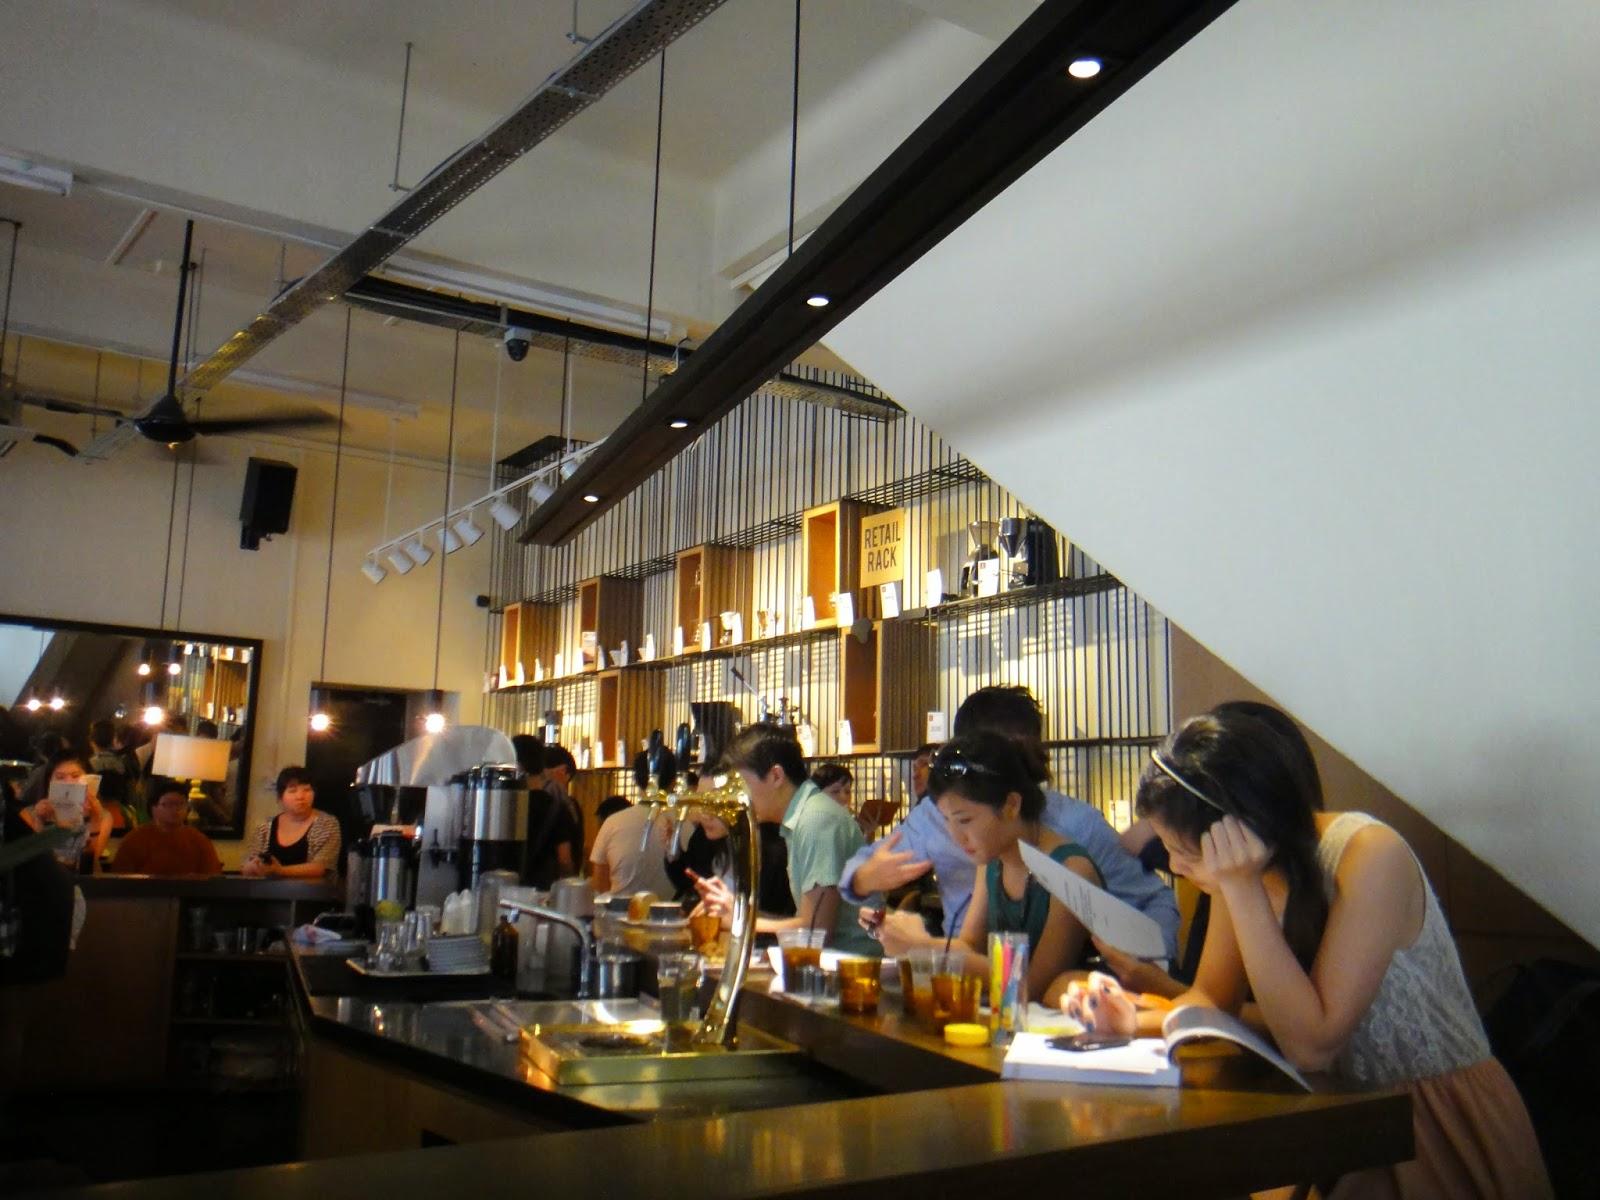 singapore_quan-cafe-dep-o-singapore-05